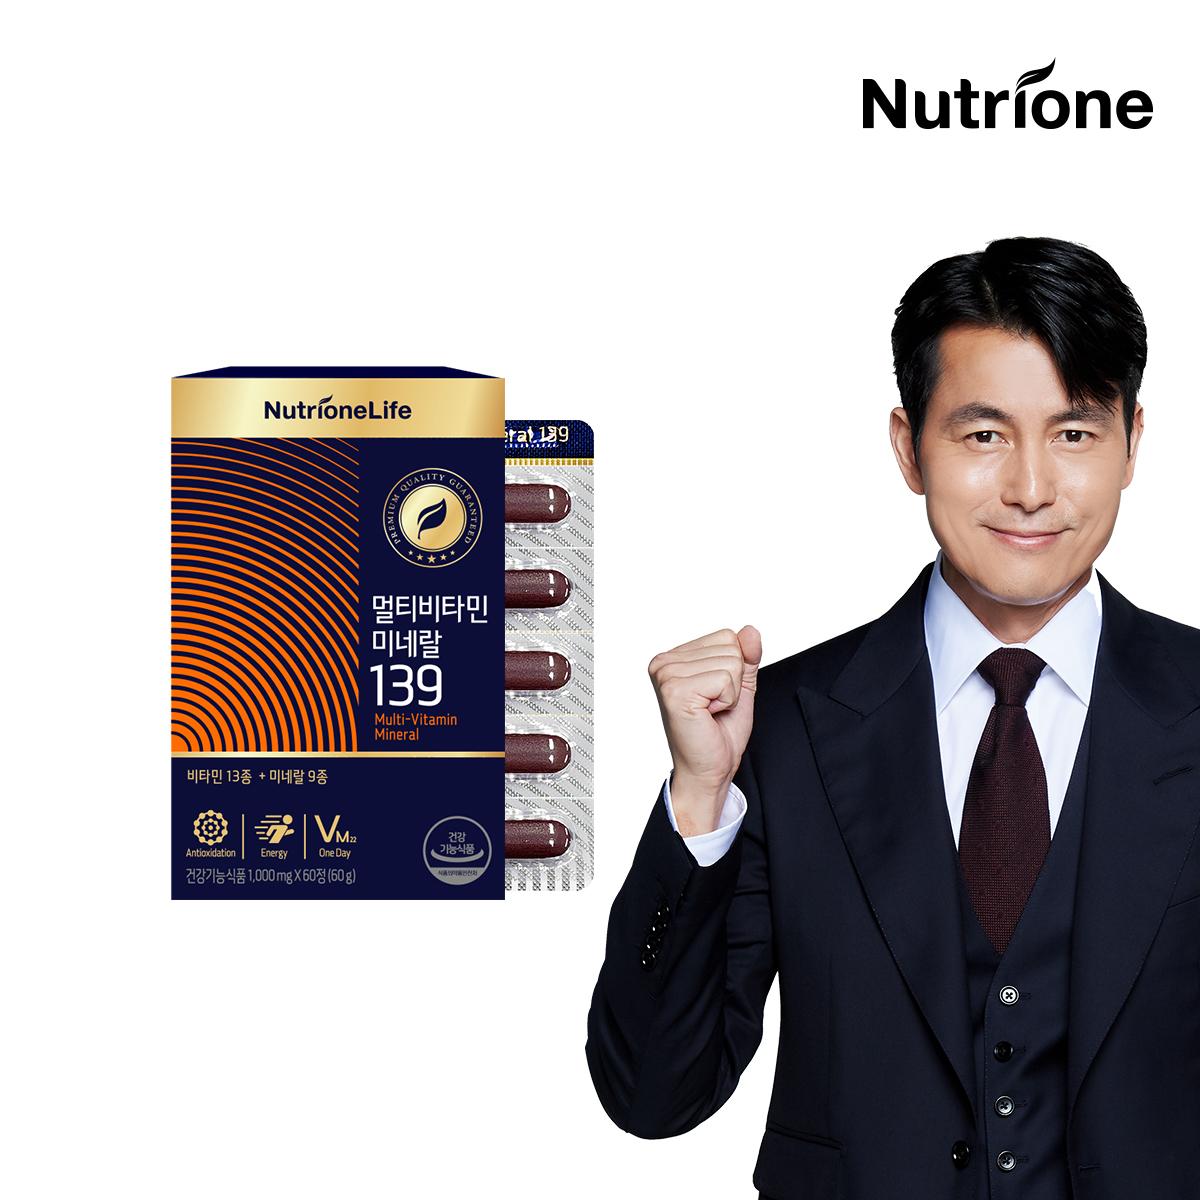 뉴트리원 멀티비타민 미네랄 139 1박스 (2개월분) 대표이미지 섬네일